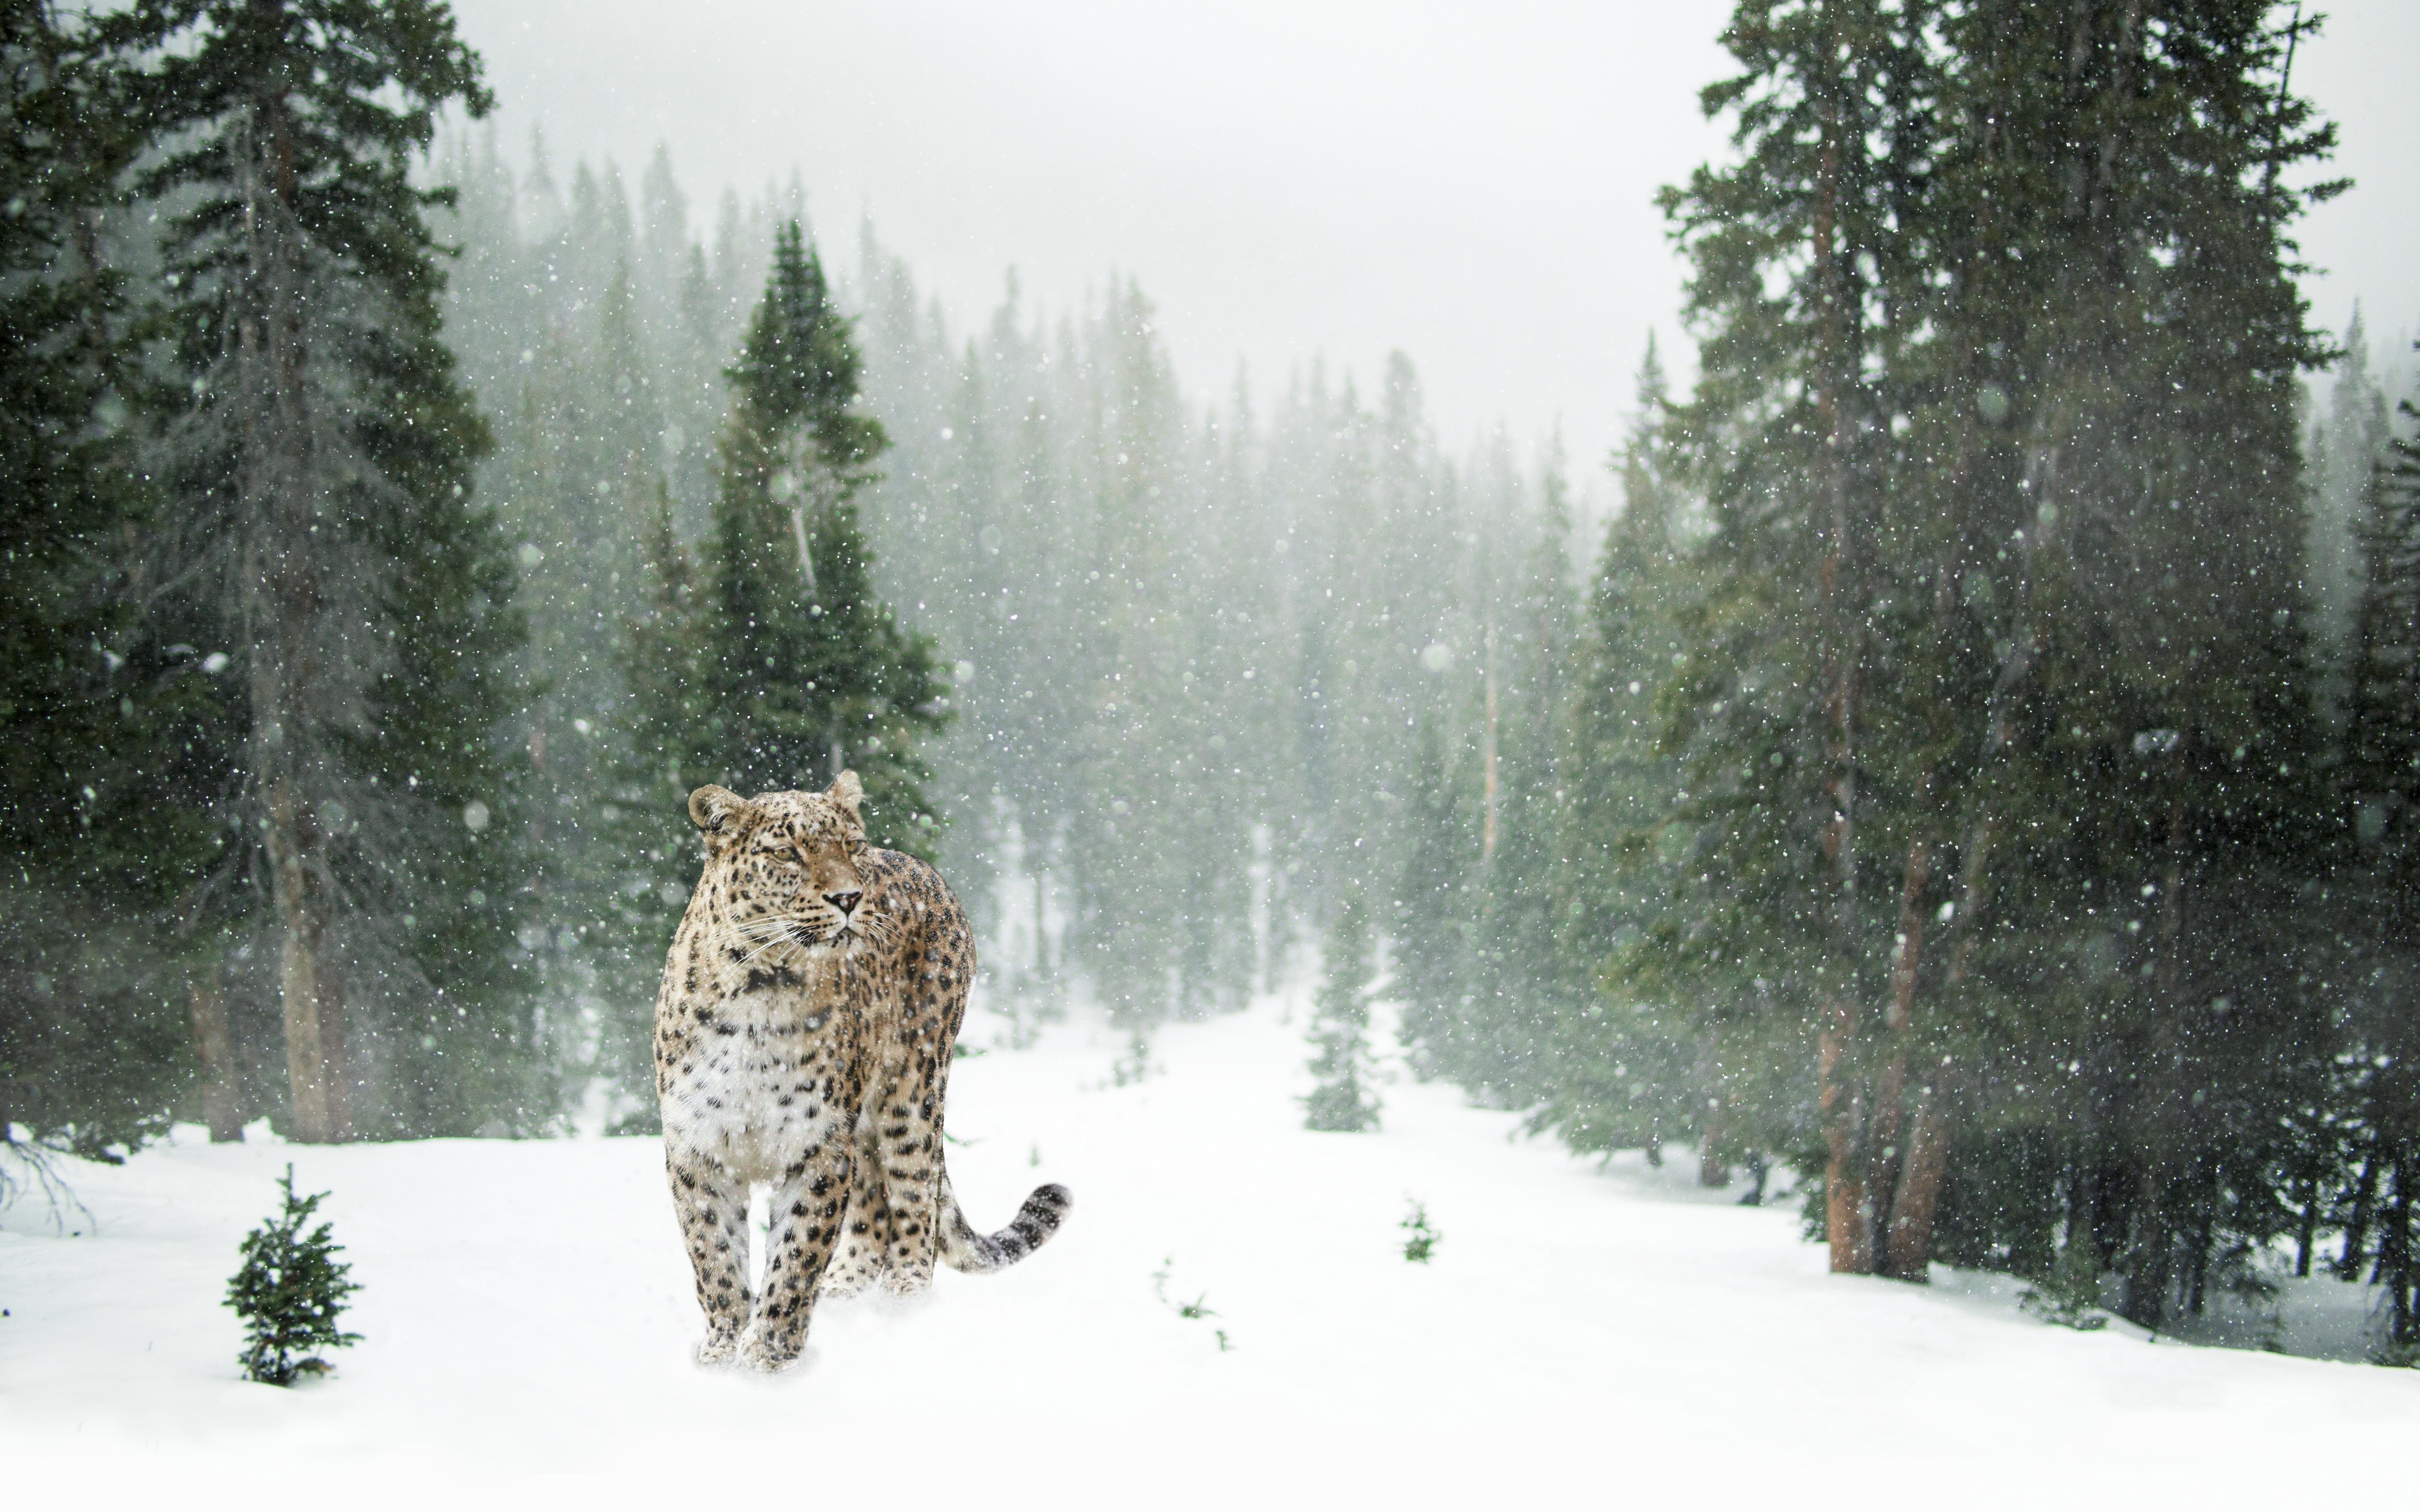 Картинка: Дальневосточный, леопард, зима, снег, лес, деревья, зелёные, поляна, хищник, кошка